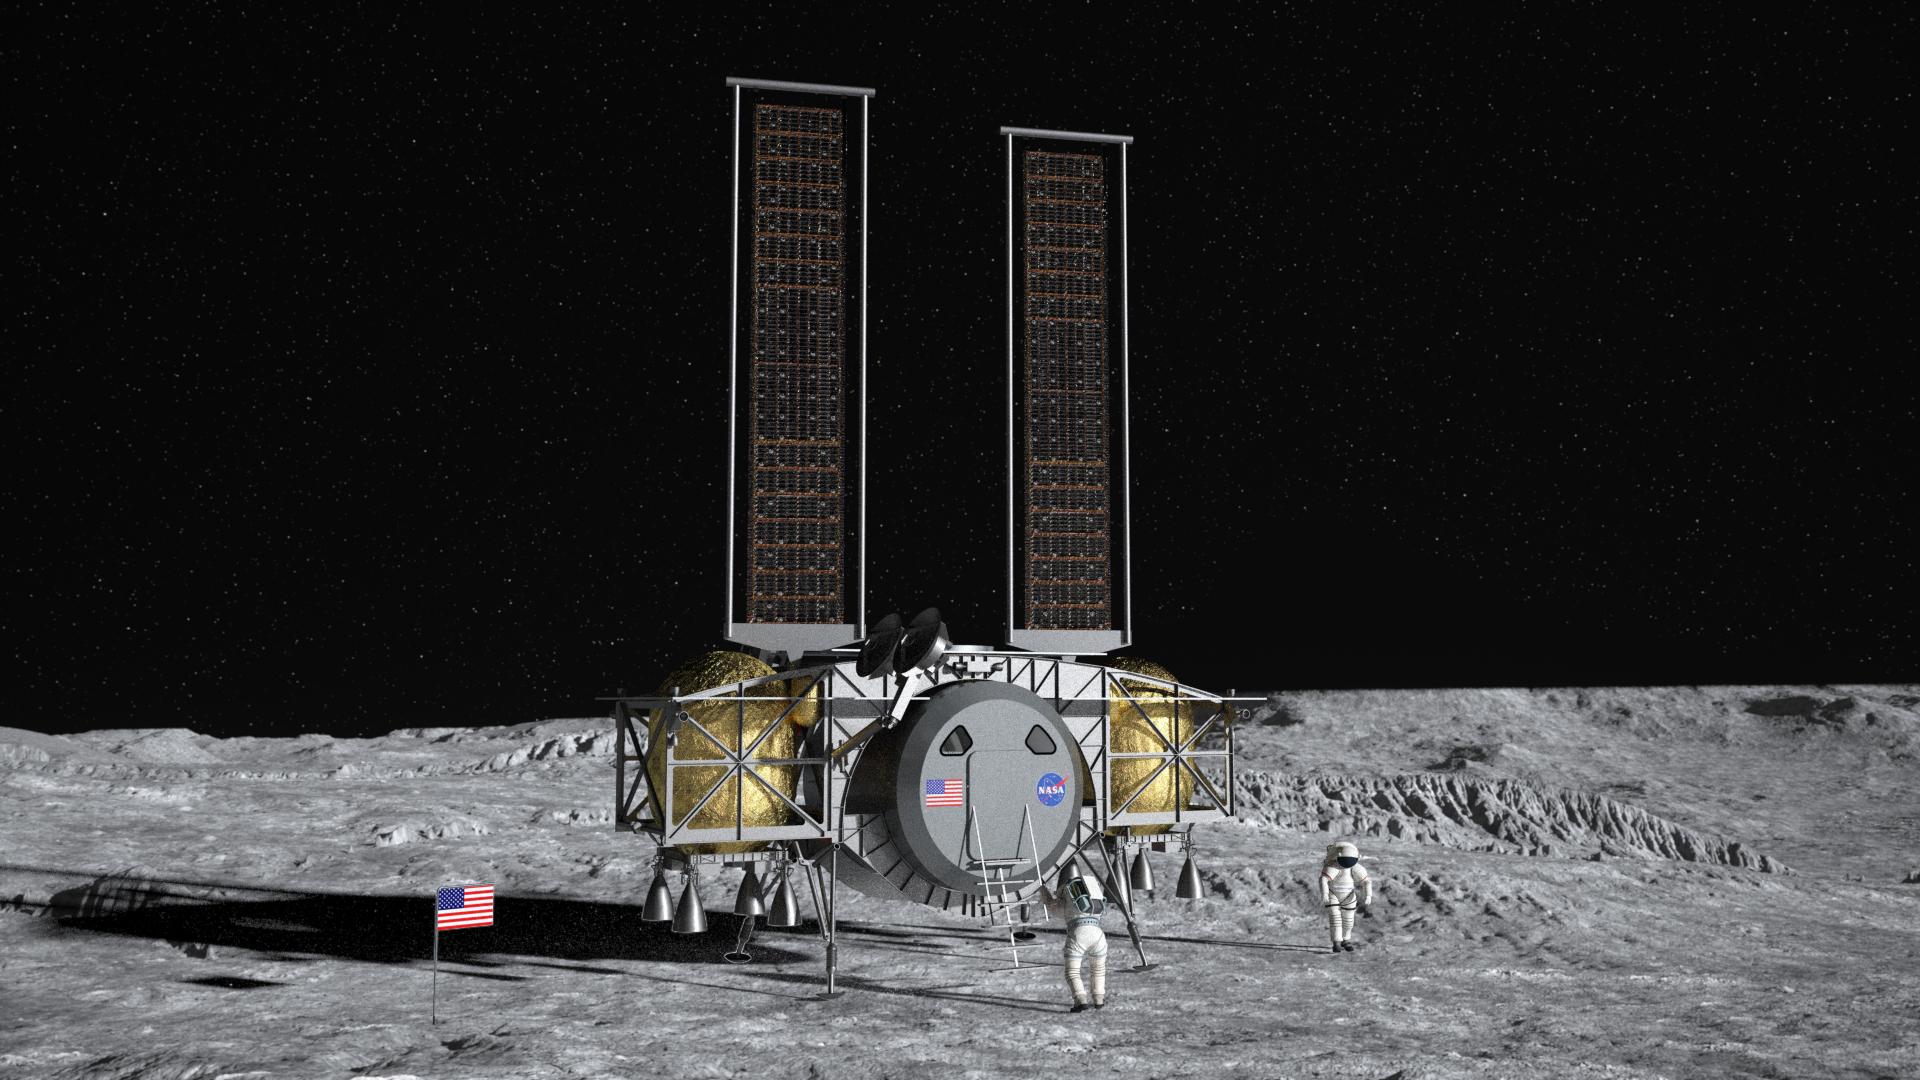 Wizja artystyczna przedstawiająca lądownik firmy Dynetics na Księżycu (Źródło Dynetics)